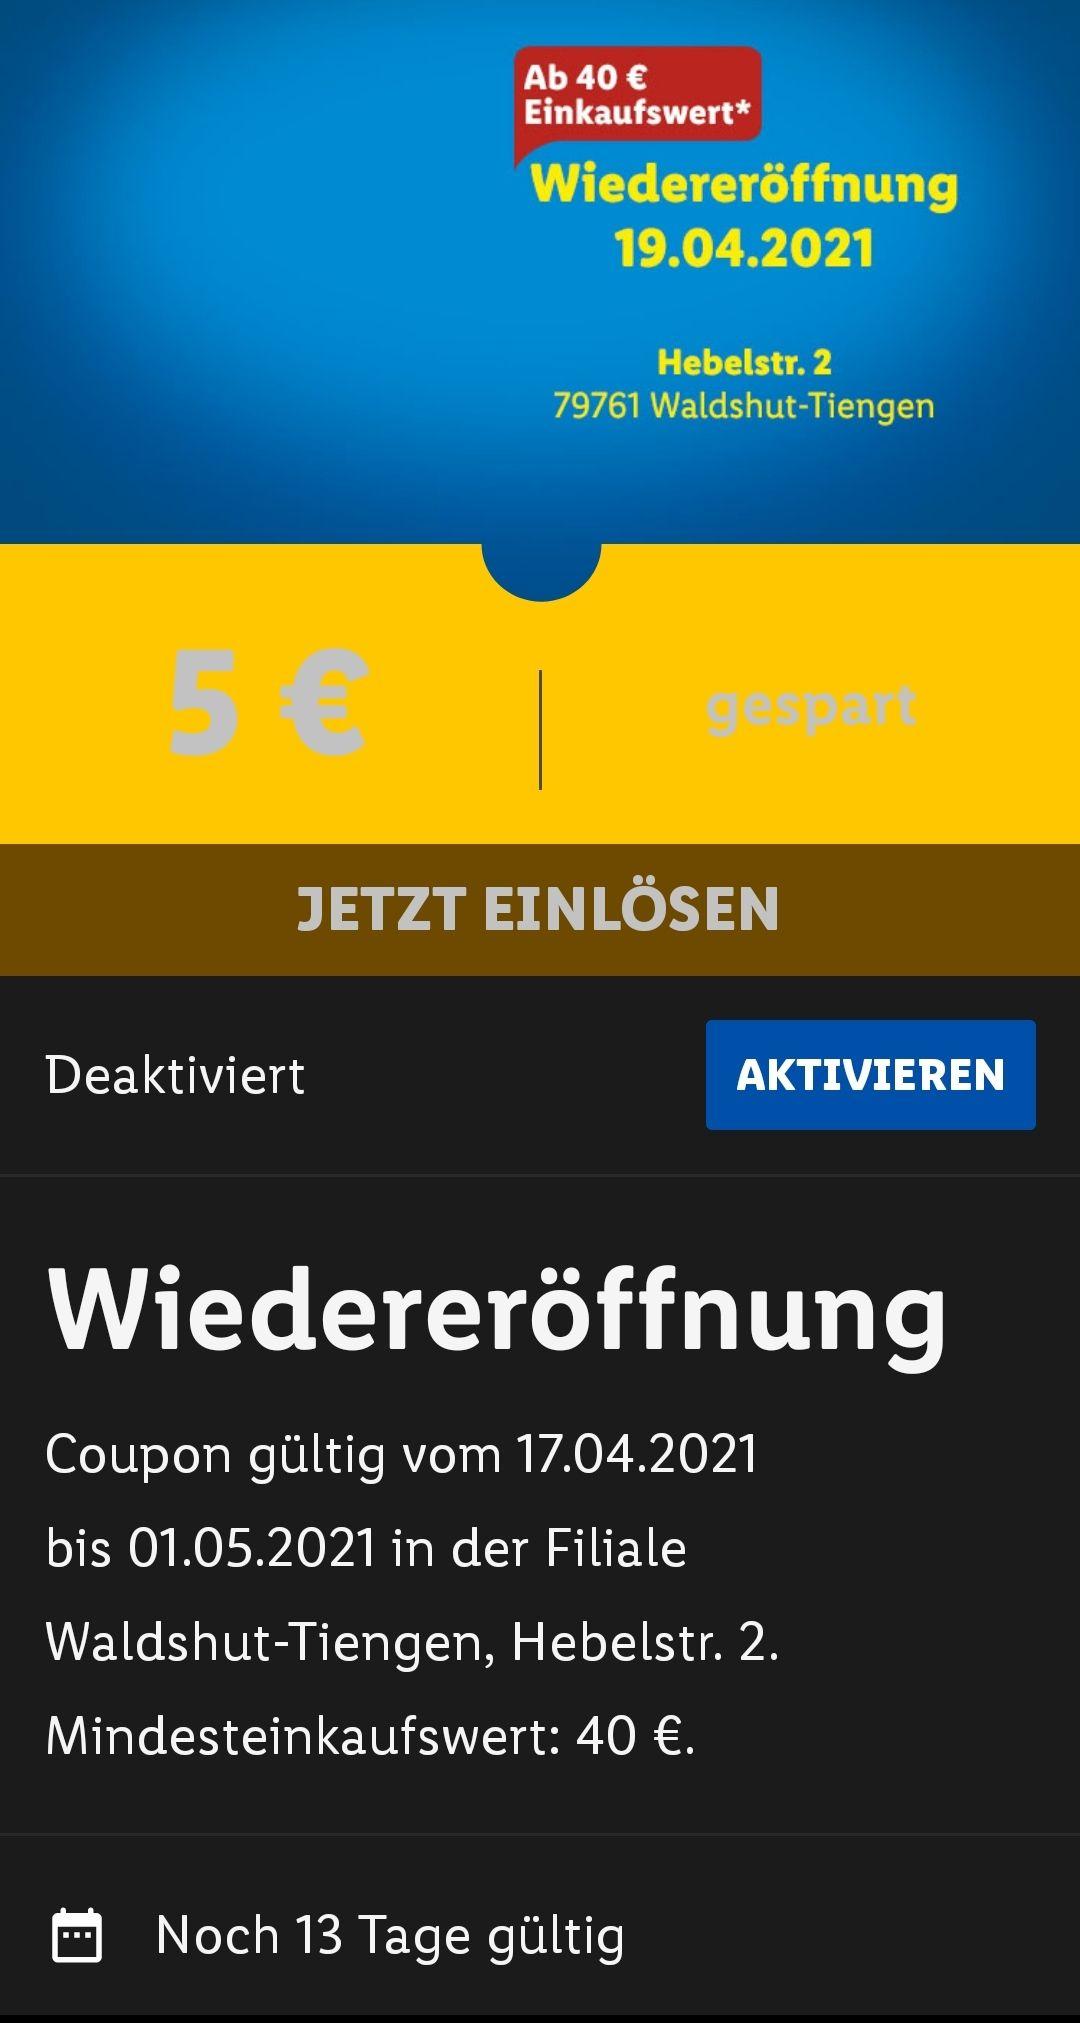 Lidl [Lokal / Lidl Plus App] Wiedereröffnung in Waldshut-Tiengen 5€ Gutschein ab 40 € Einkauf Lidl Plus App